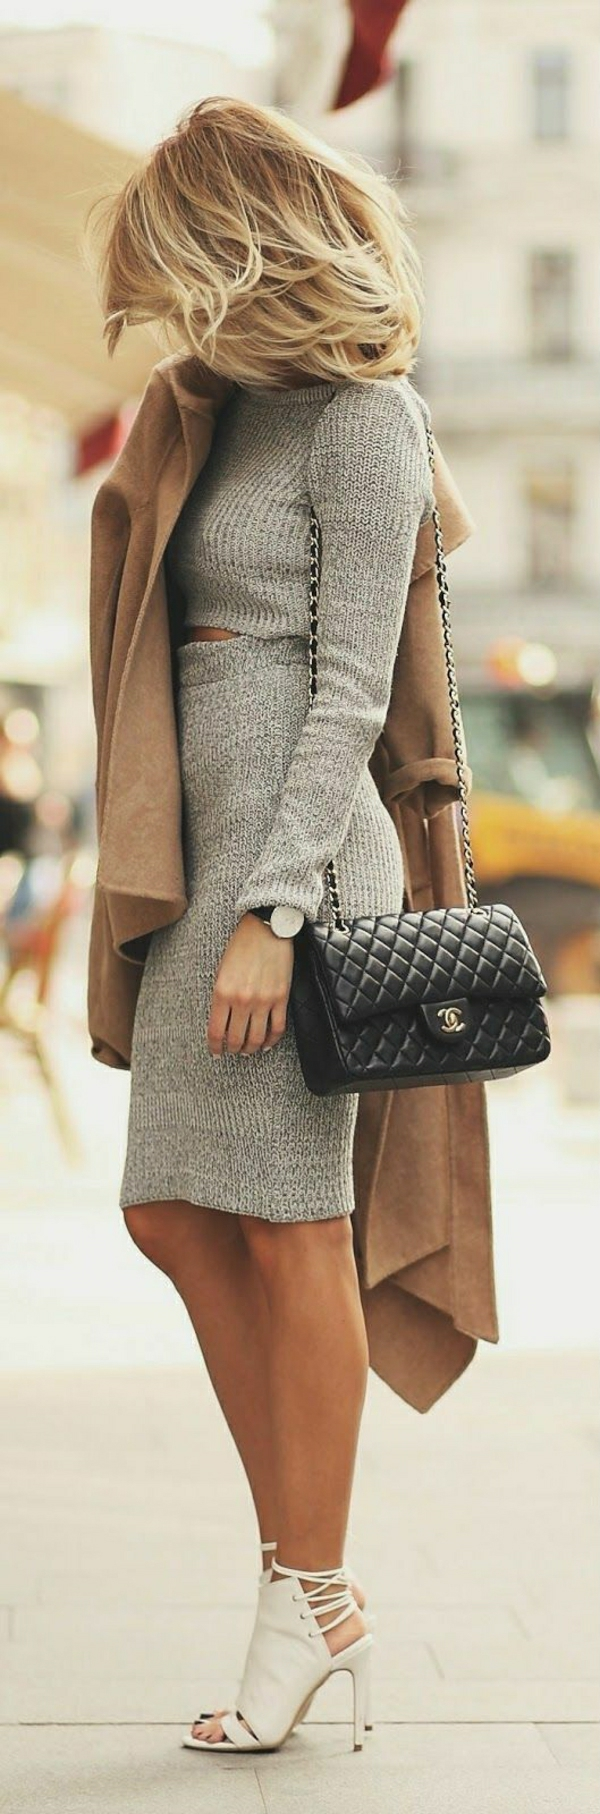 grauer-Rock-Top-Mantel-schwarze-Tasche-weiße-Sandalen